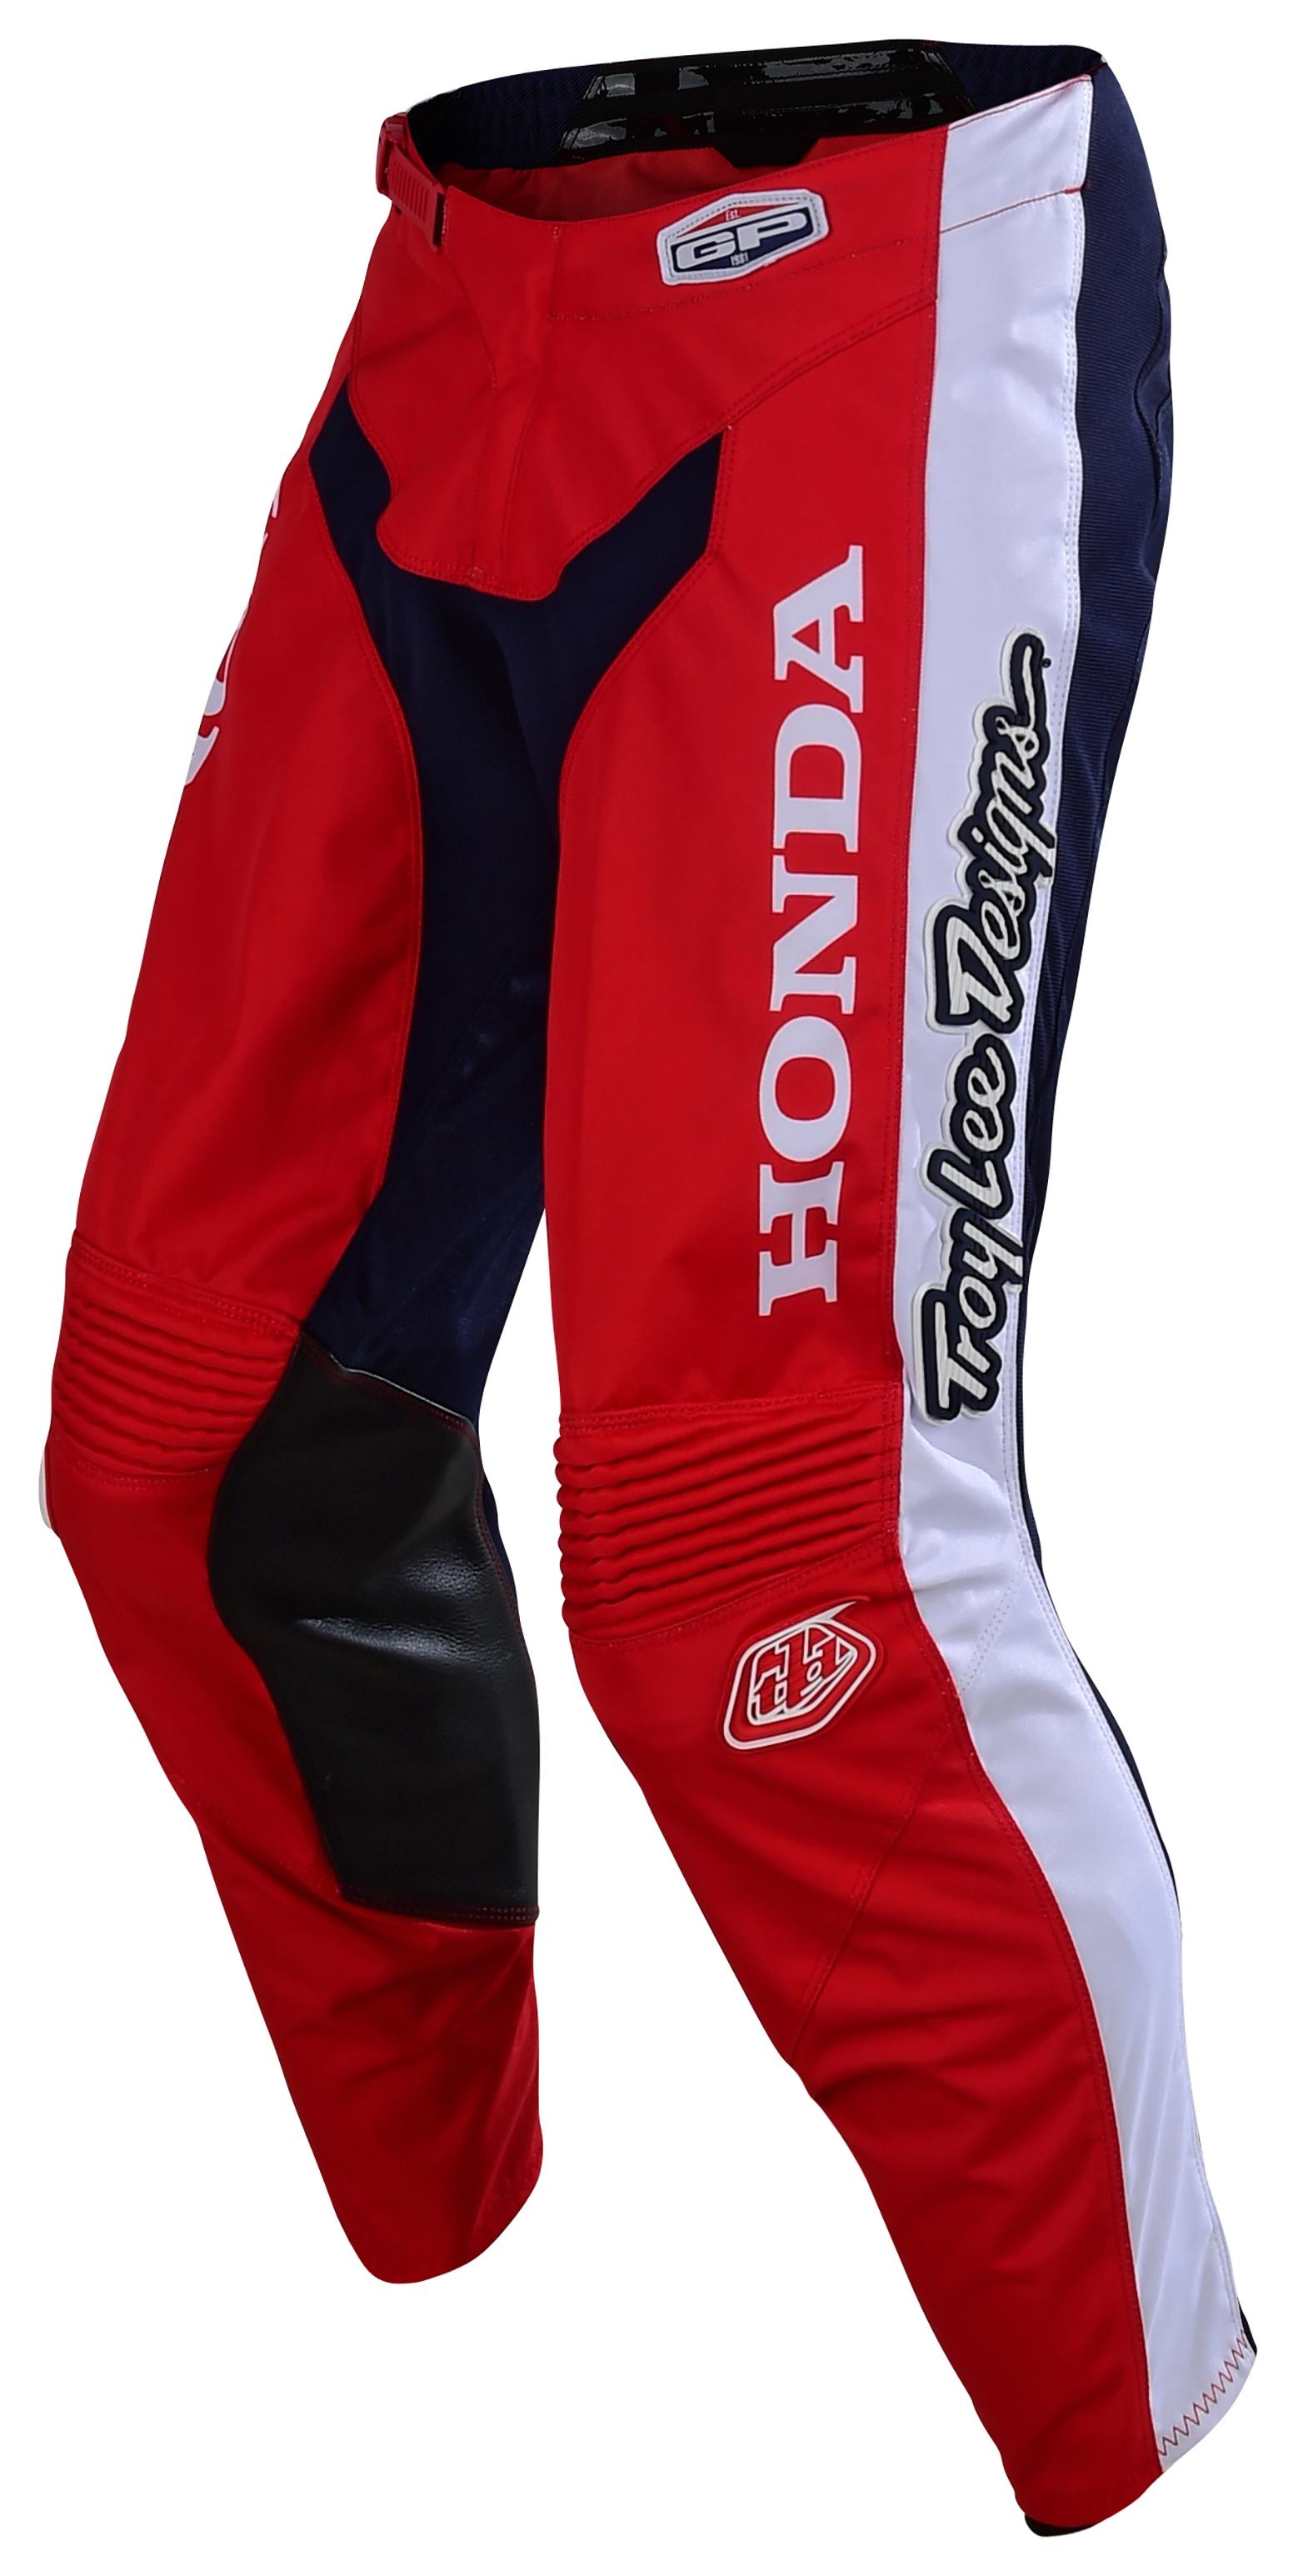 Troy Lee Gp Honda Pants Cycle Gear